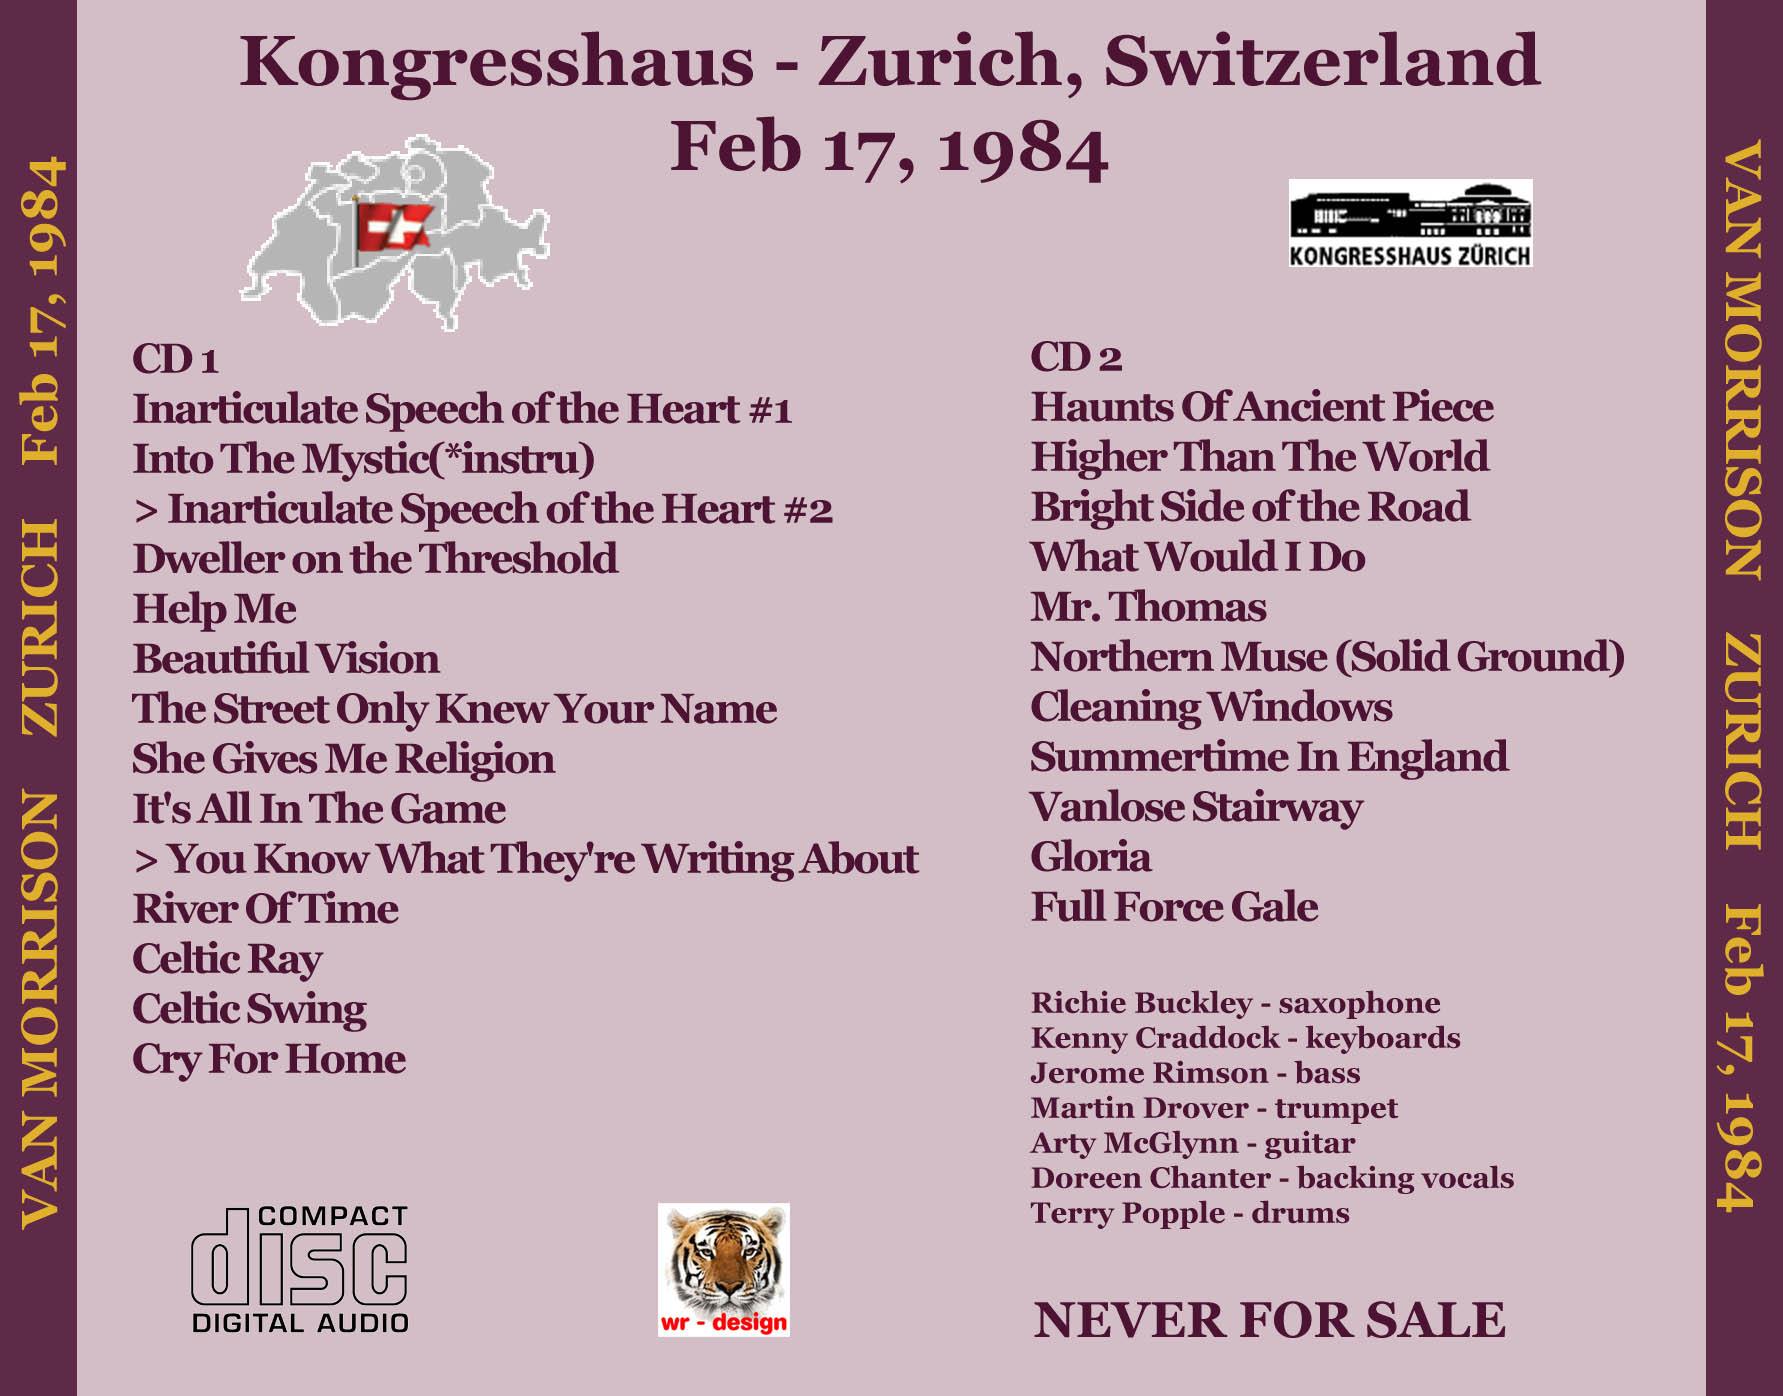 VanMorrison1984-02-17KongresshausZurichSwitzerland2.jpg